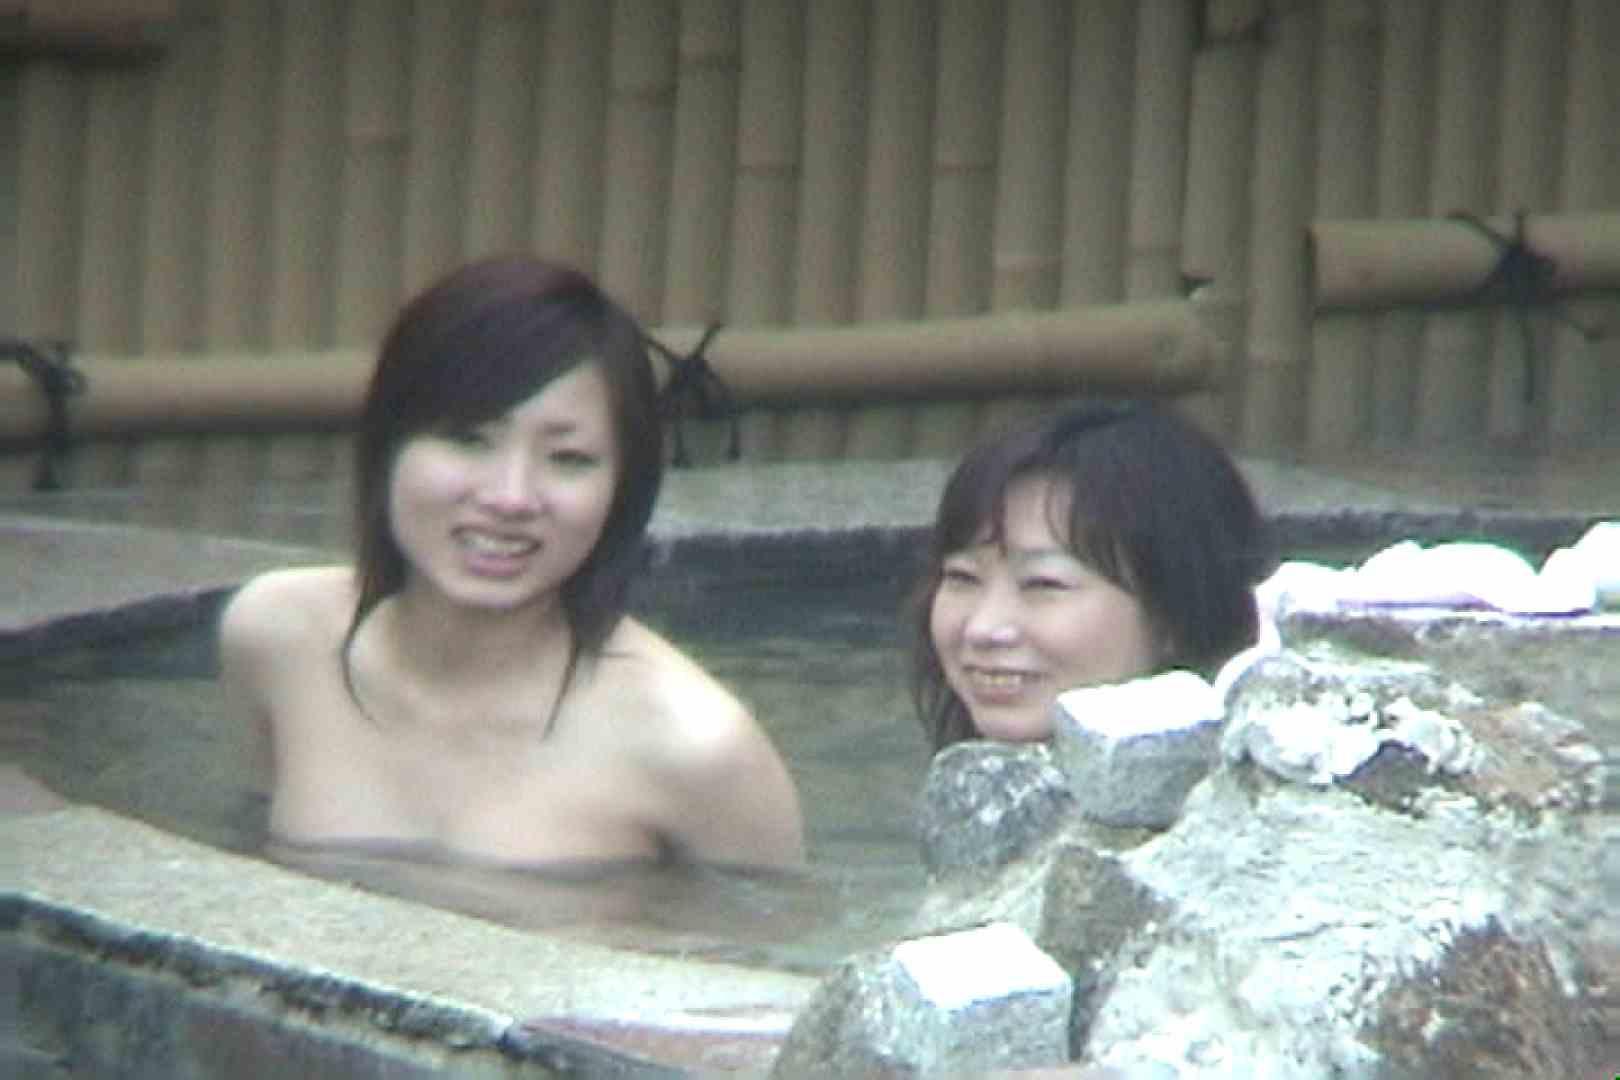 Aquaな露天風呂Vol.58【VIP限定】 美しいOLの裸体  97pic 39